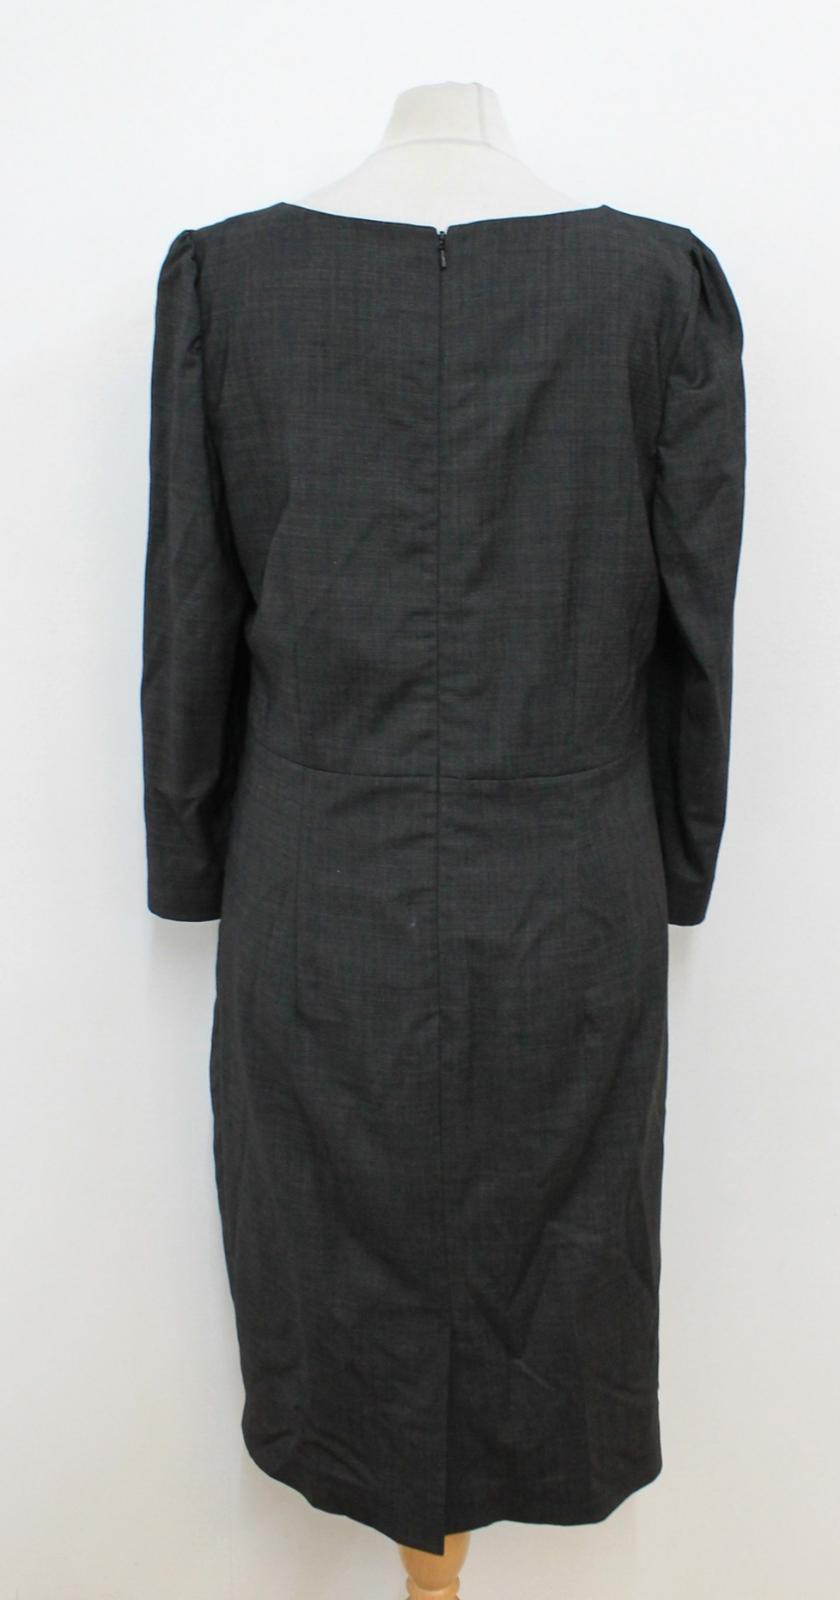 JAEGER Donna Grigio Scuro 3 4 Maniche Lunghe Lunghe Lunghe Square Scollo Shift Dress Dimensione UK12 d66e4f